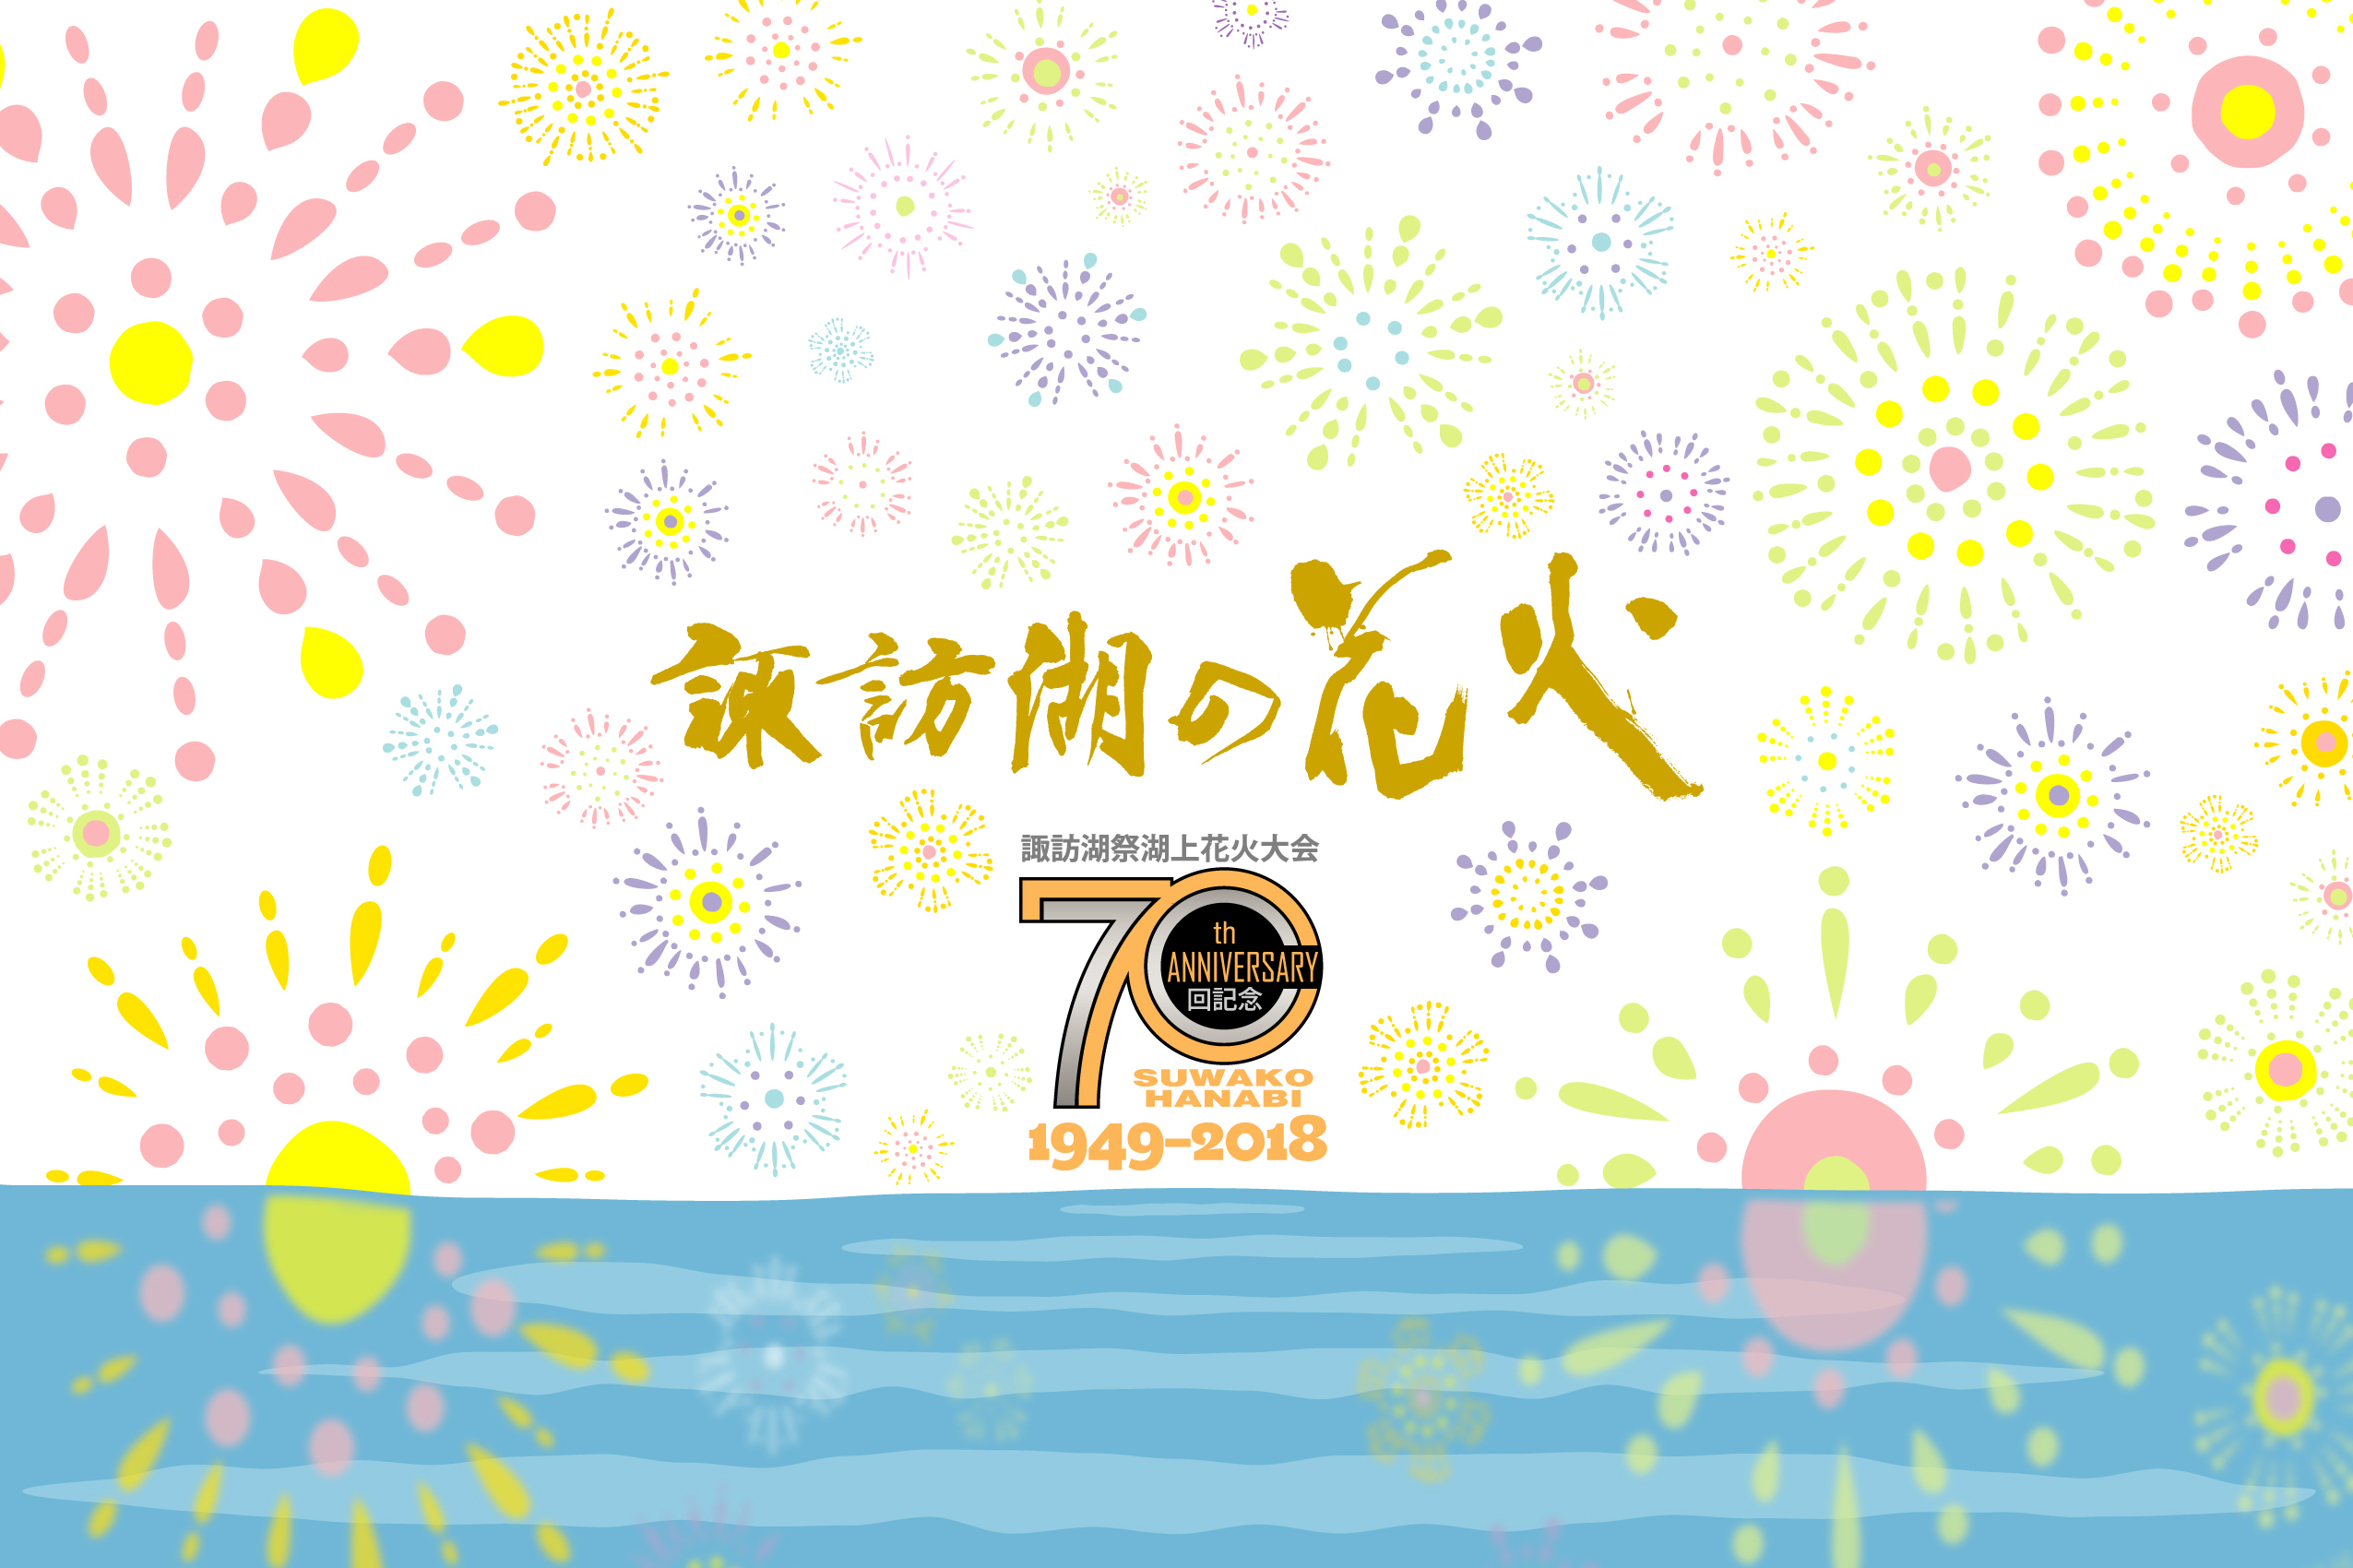 諏訪湖祭湖上花火大会・70周年記念のレジャーシート(イメージ図・非売品)